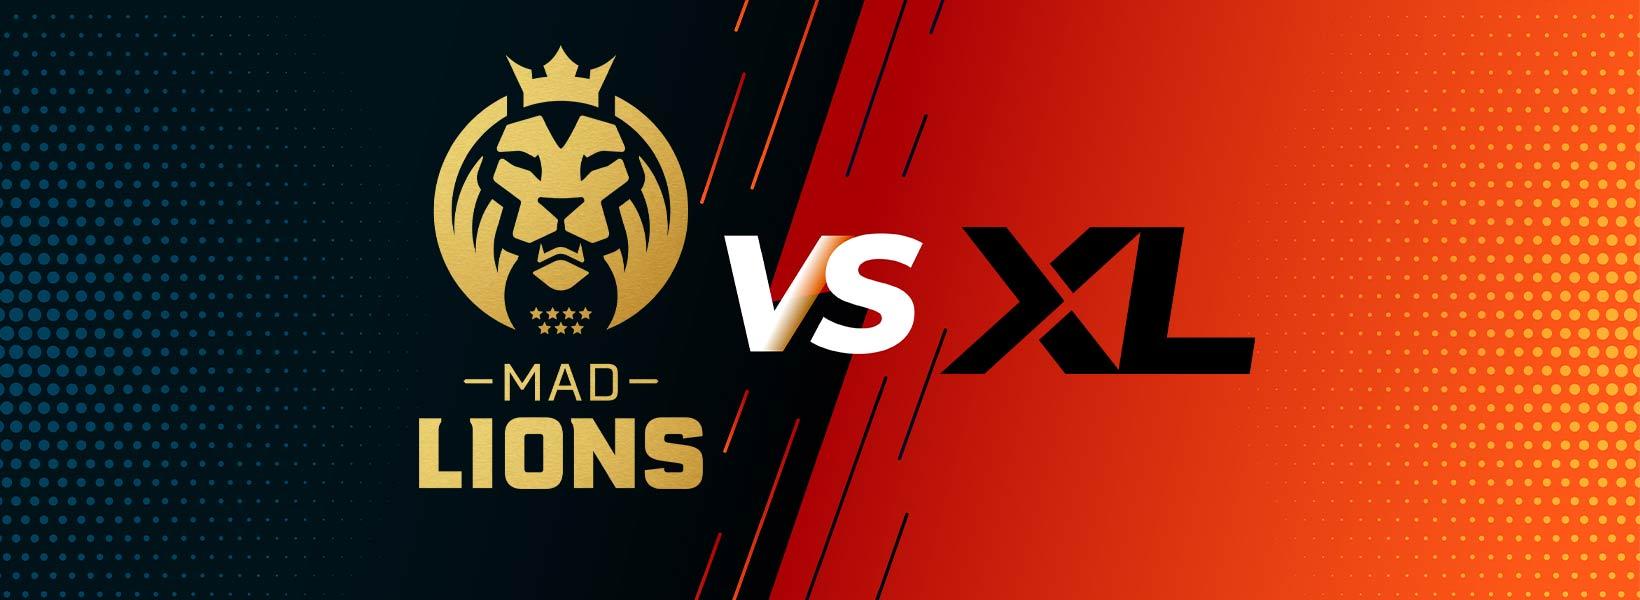 ponturi pariuri mad lions vs excel esports